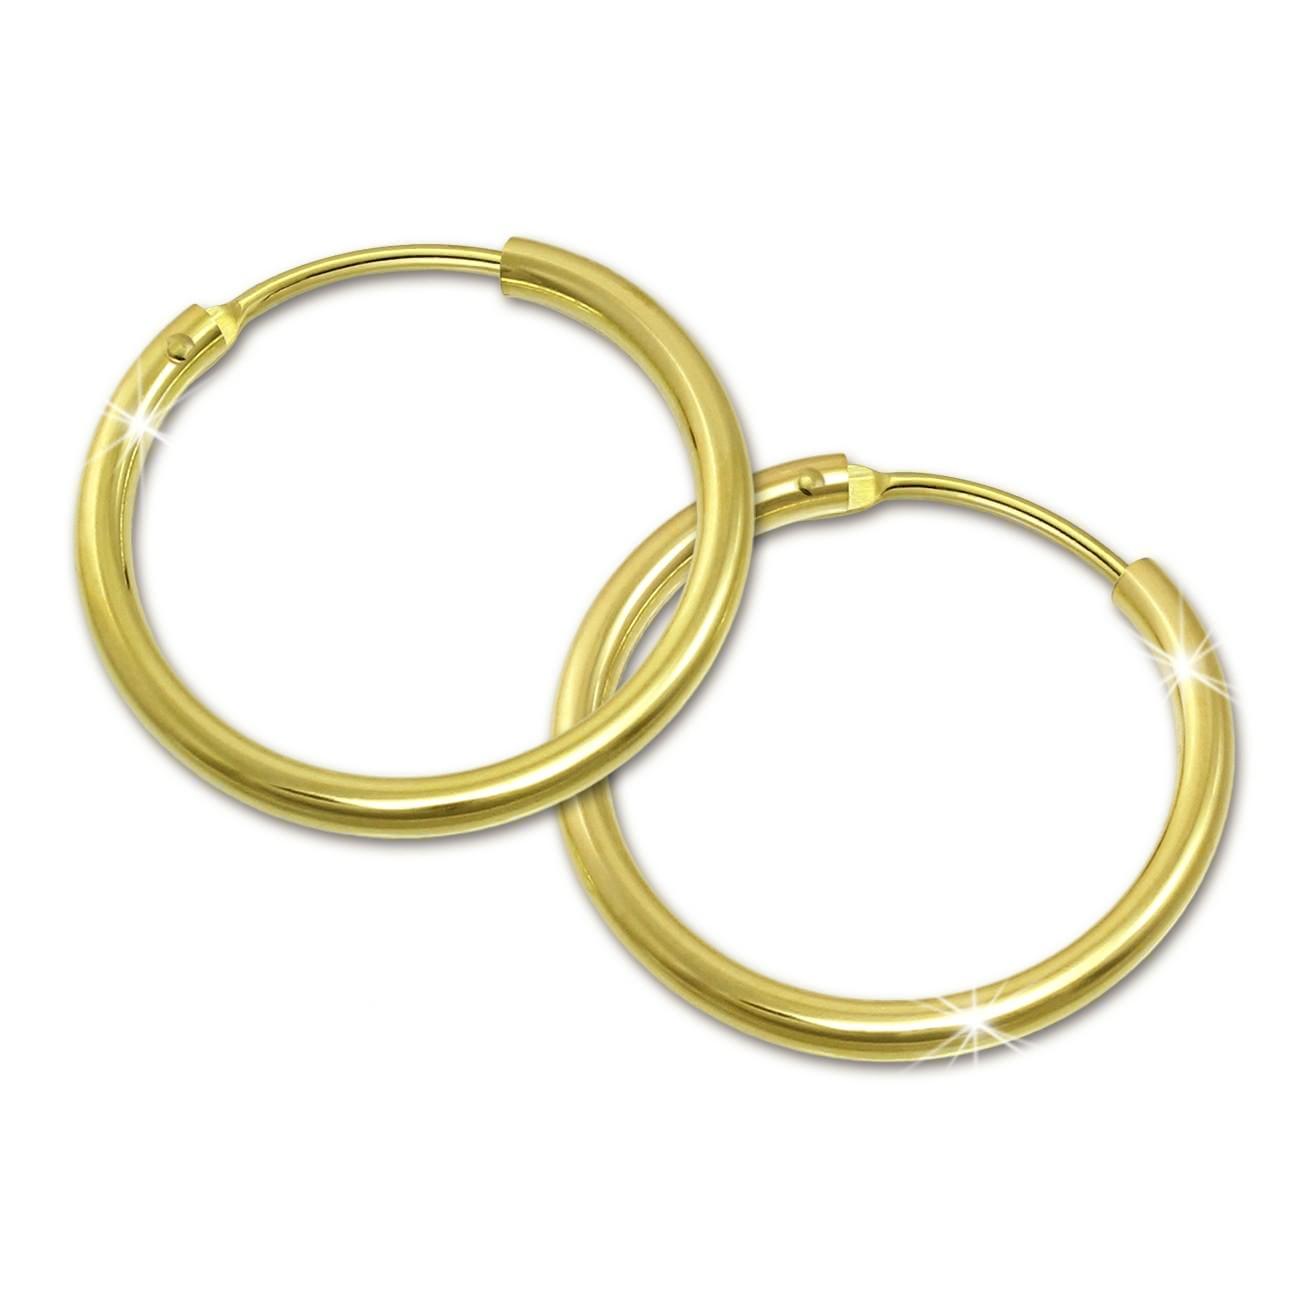 SilberDream Gold Creole 15mm Ohrring 333er Gelbgold Echtschmuck GDO0021Y